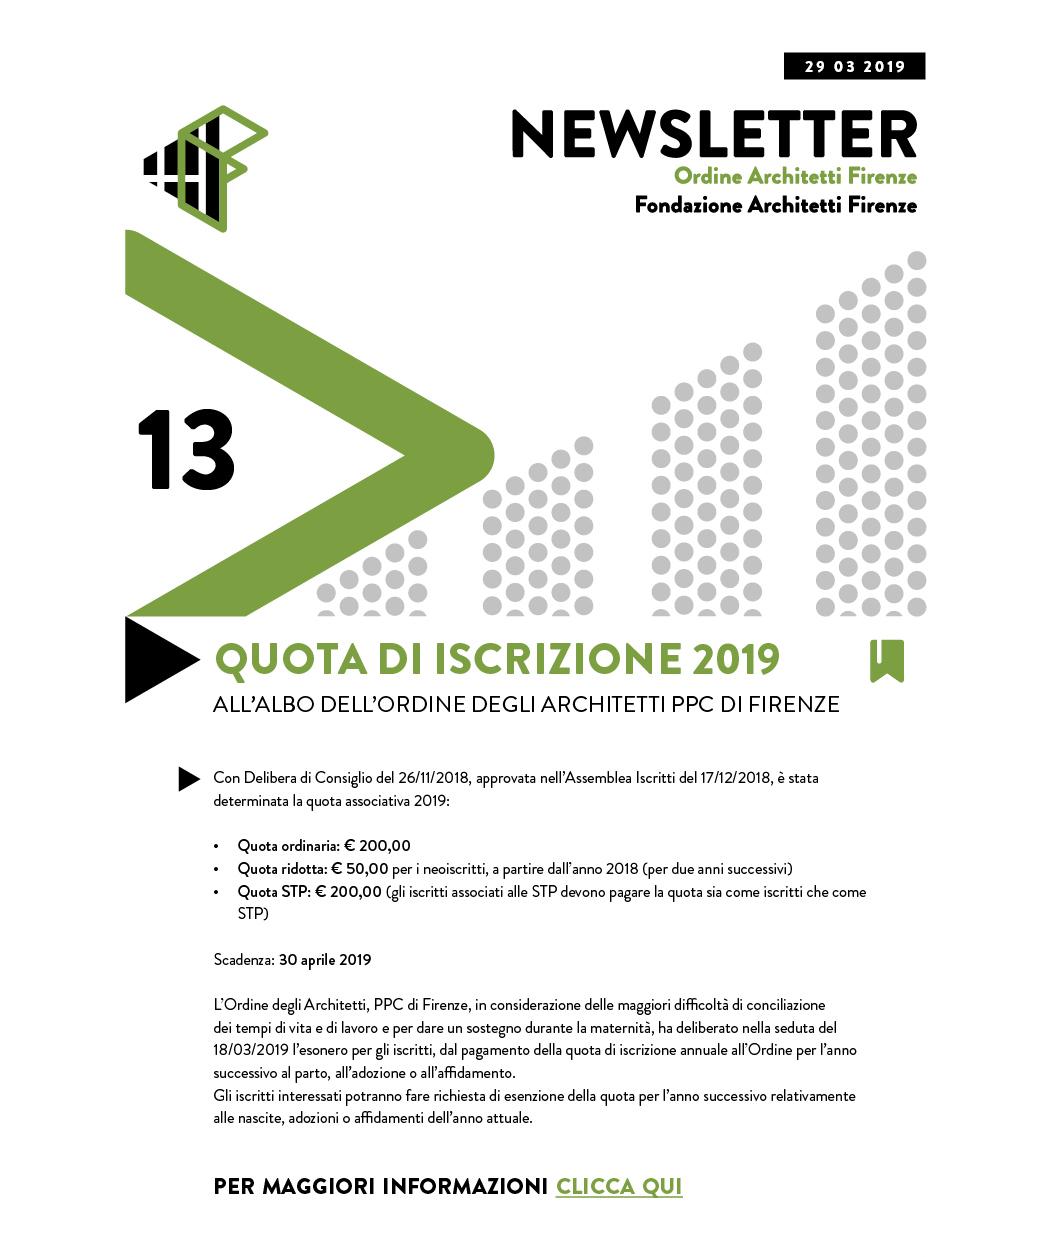 QUOTA DI ISCRIZIONE 2019